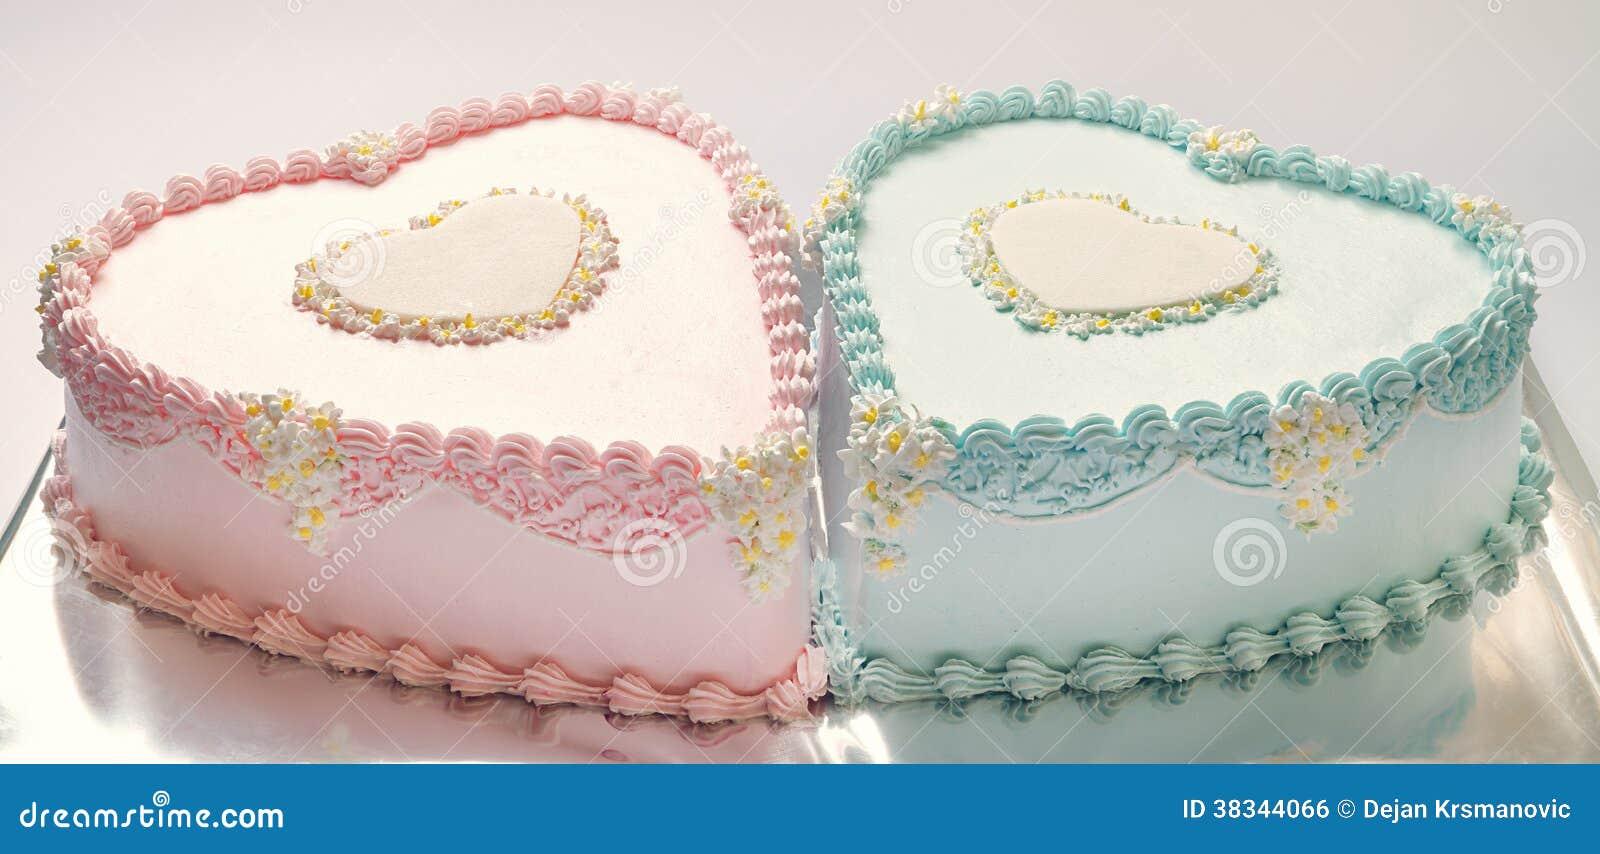 Birthday Cakes Stock Photo Image Of Entertaining Object 38344066